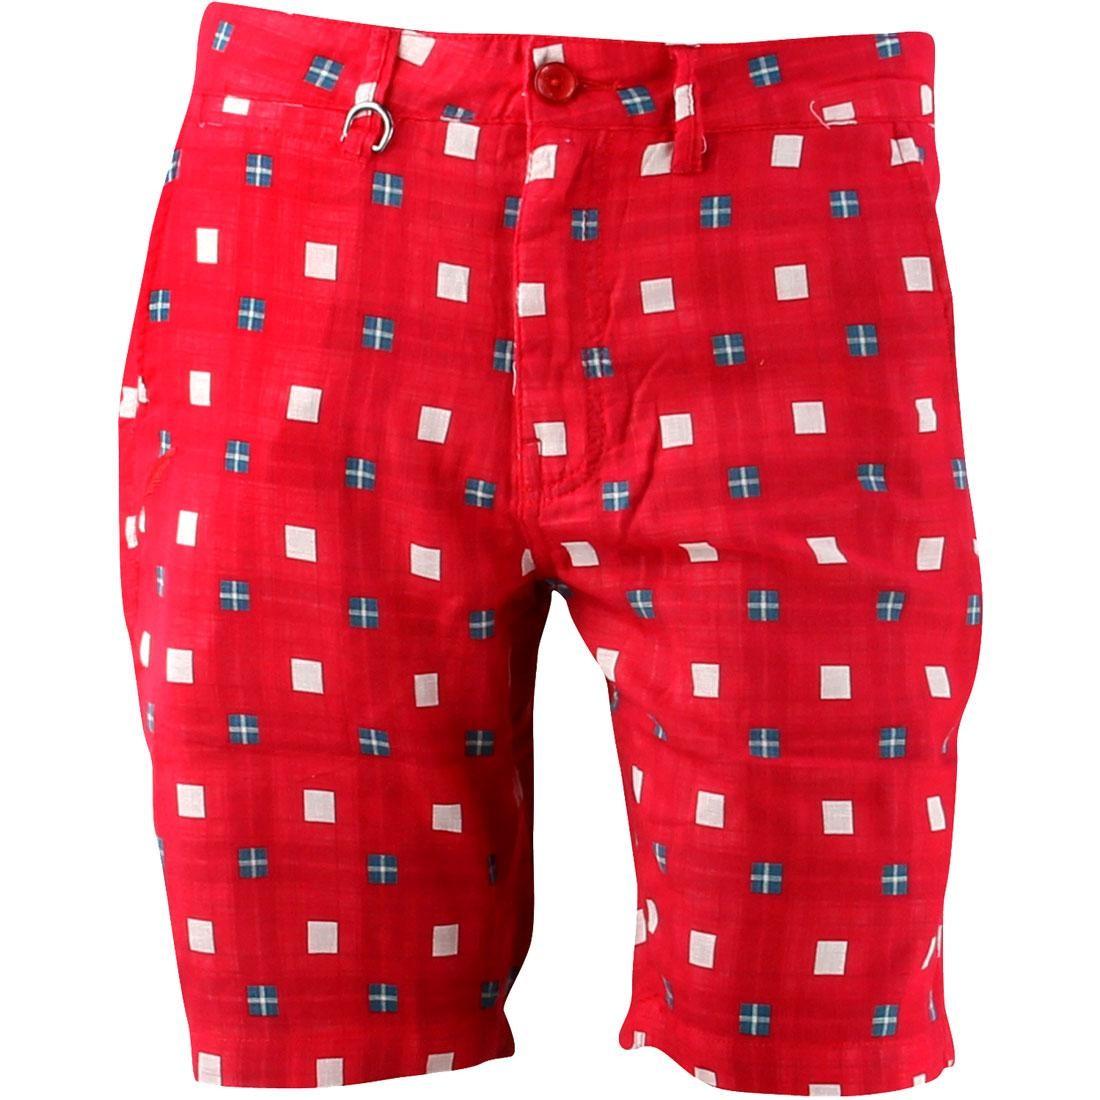 【海外限定】パブリッシュ ショーツ ハーフパンツ パンツ ズボン 【 PUBLISH JAGGER SHORTS RED 】